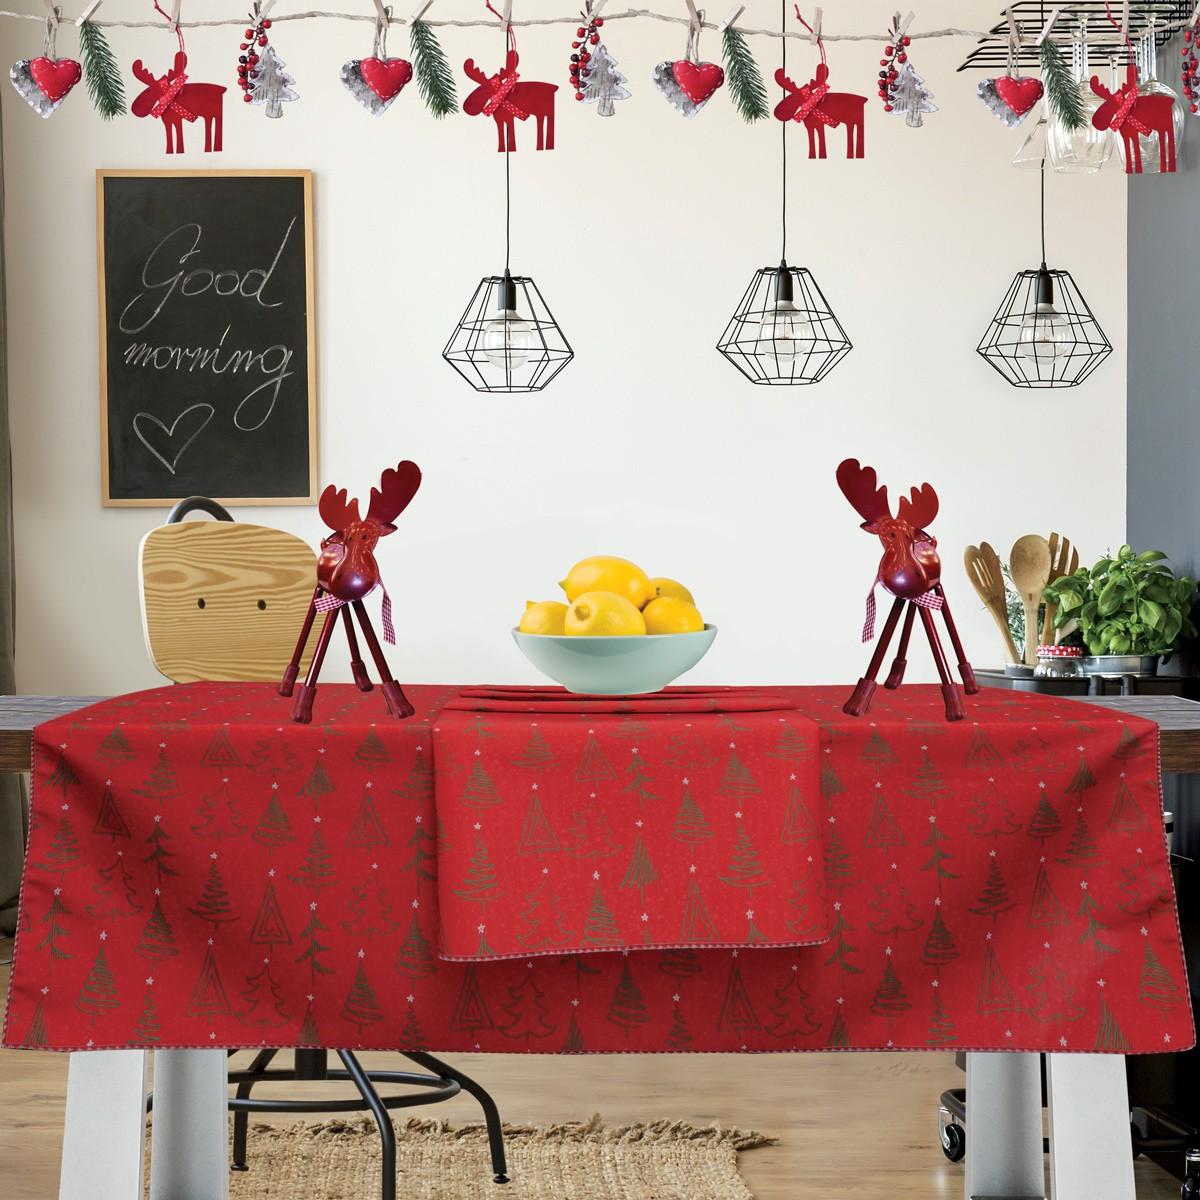 Χριστουγεννιάτικη Τραβέρσα Das Home Kitchen 550 home   χριστουγεννιάτικα   χριστουγεννιάτικες τραβέρσες